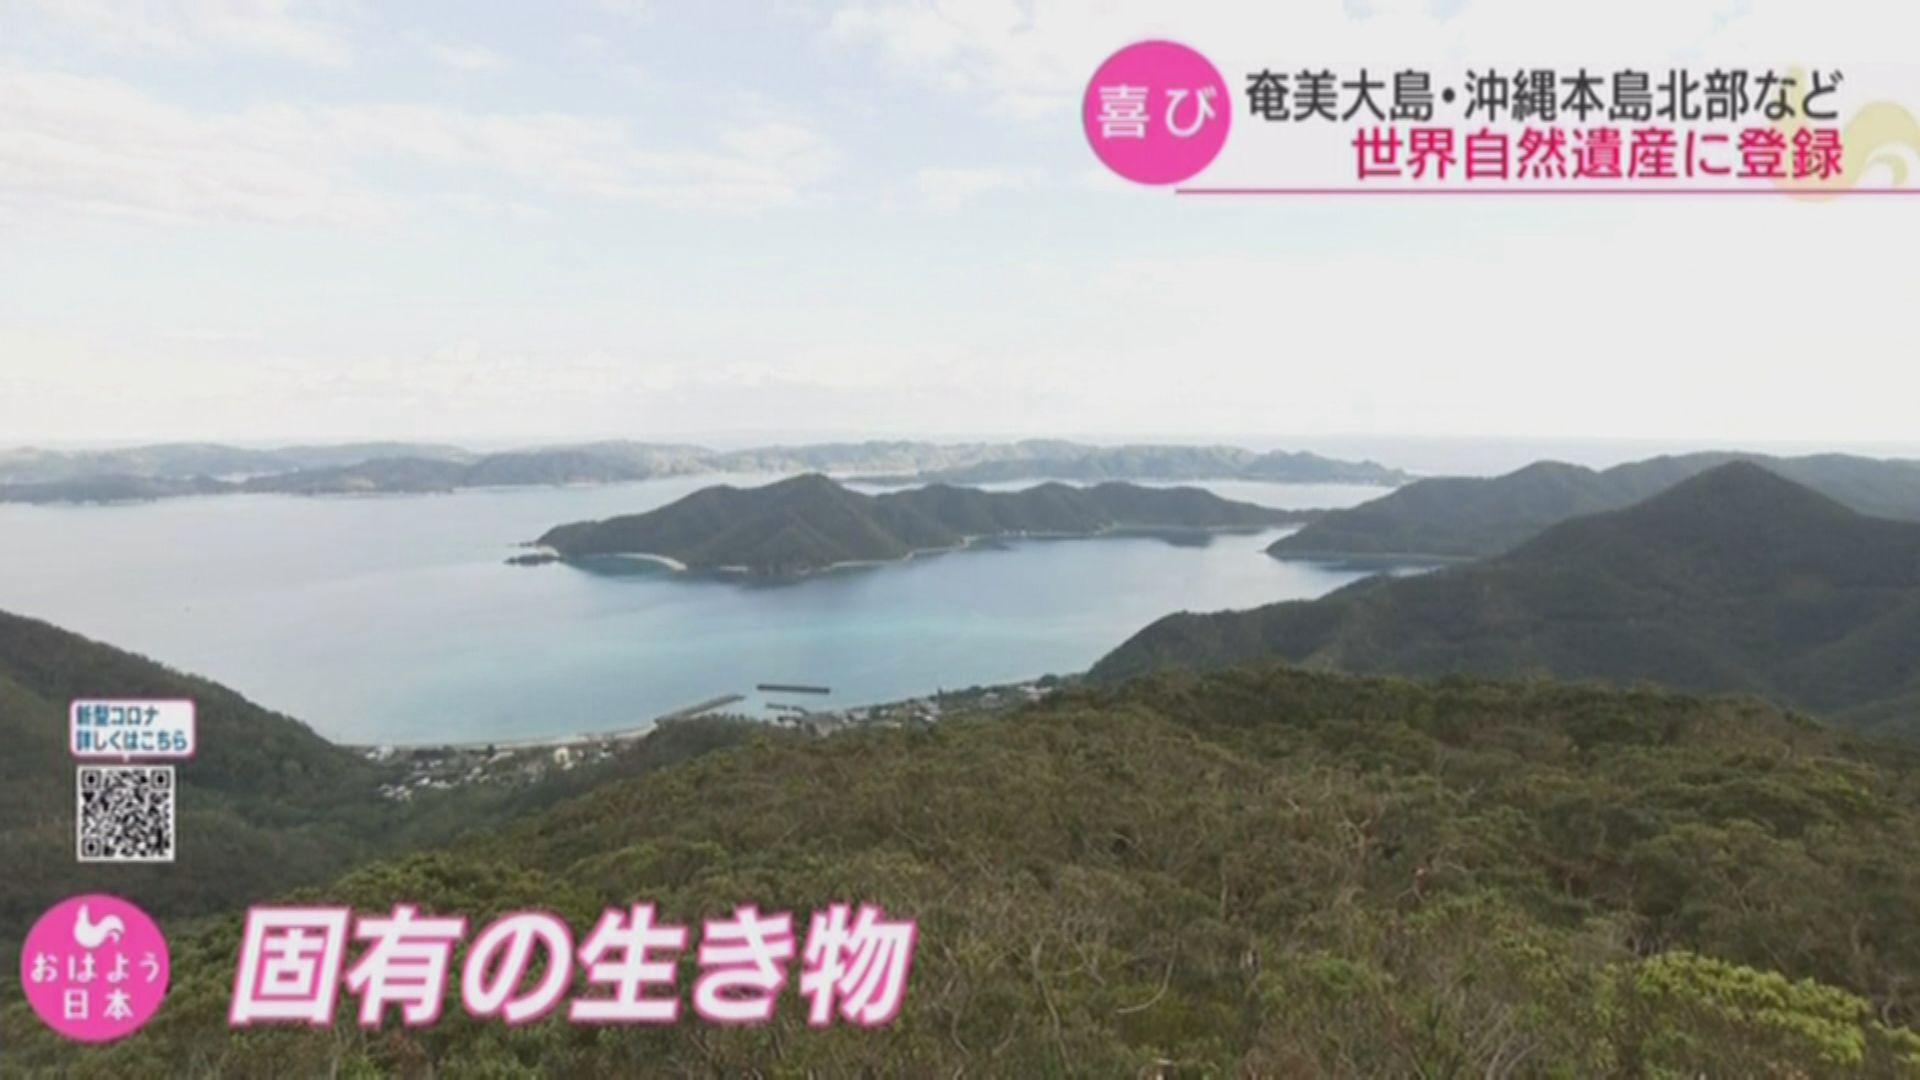 【環球薈報】日本奄美大島、德之島、沖繩島北部及西表島列世界自然遺產